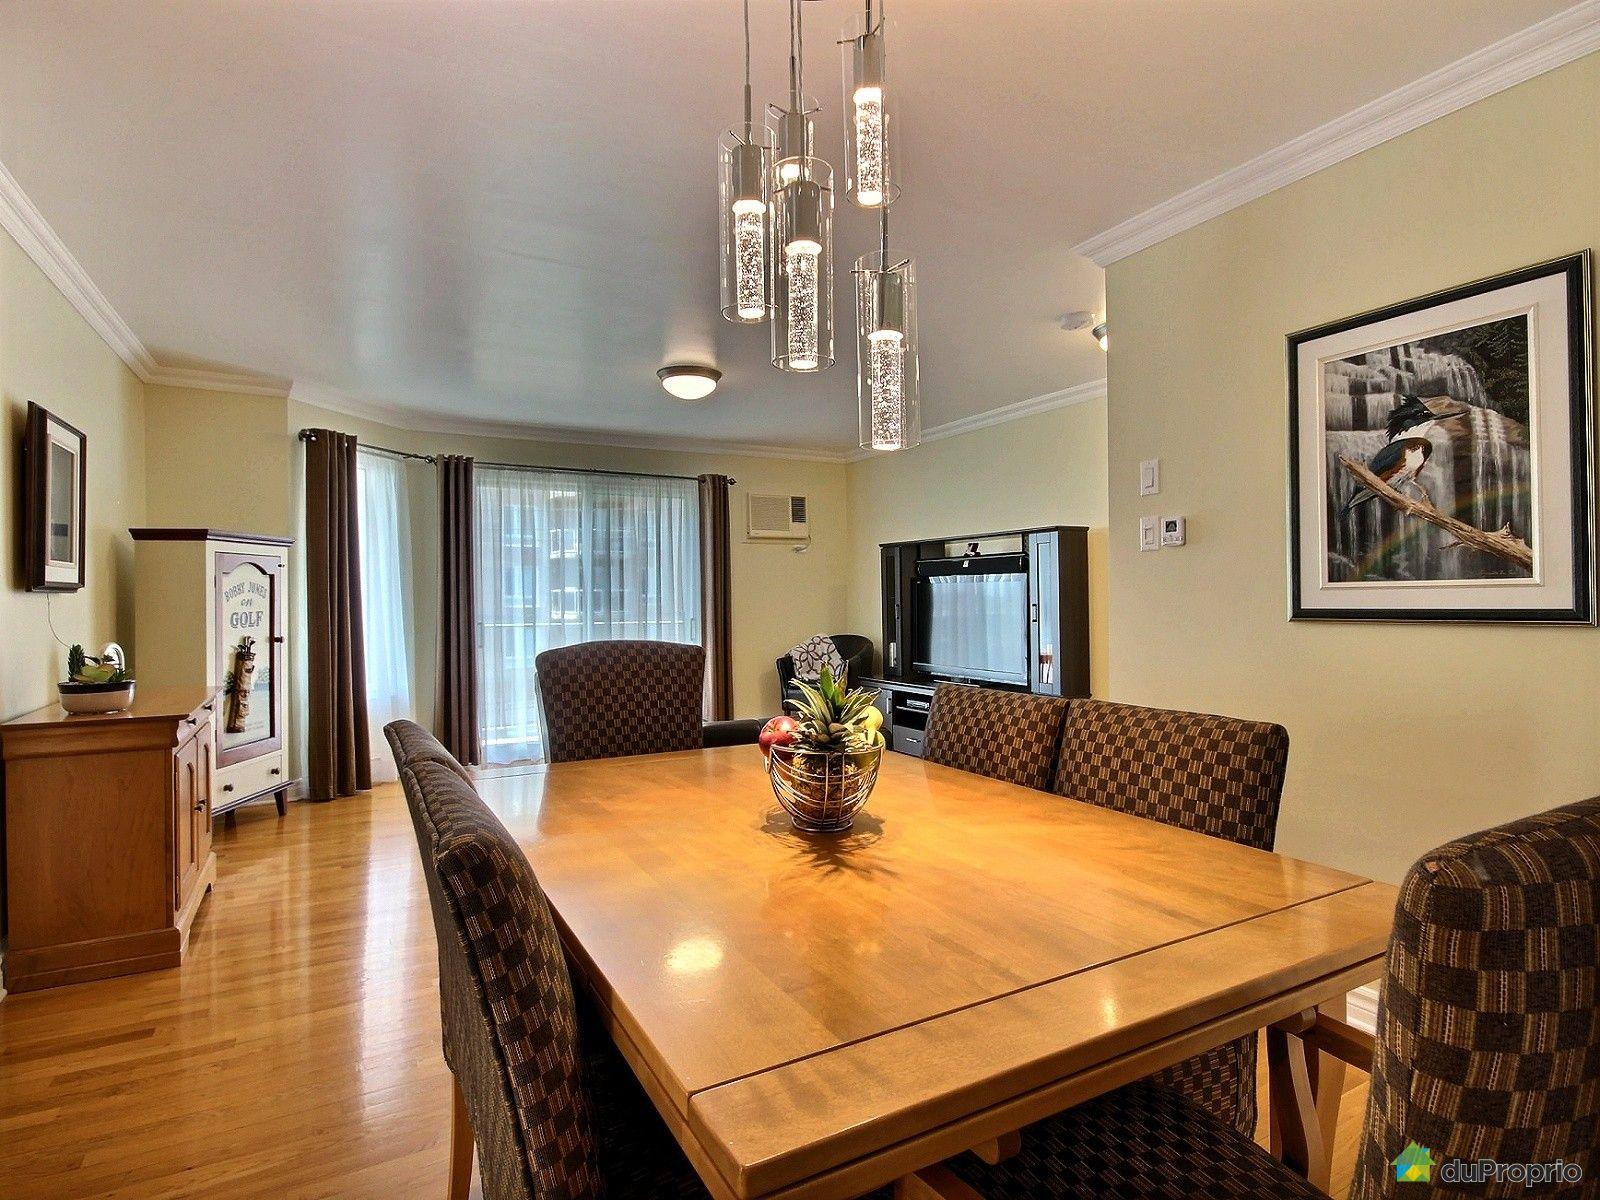 #C87603 Conférais  Définition Exemple Et Image 3907 salle à manger rustique conforama 1600x1200 px @ aertt.com